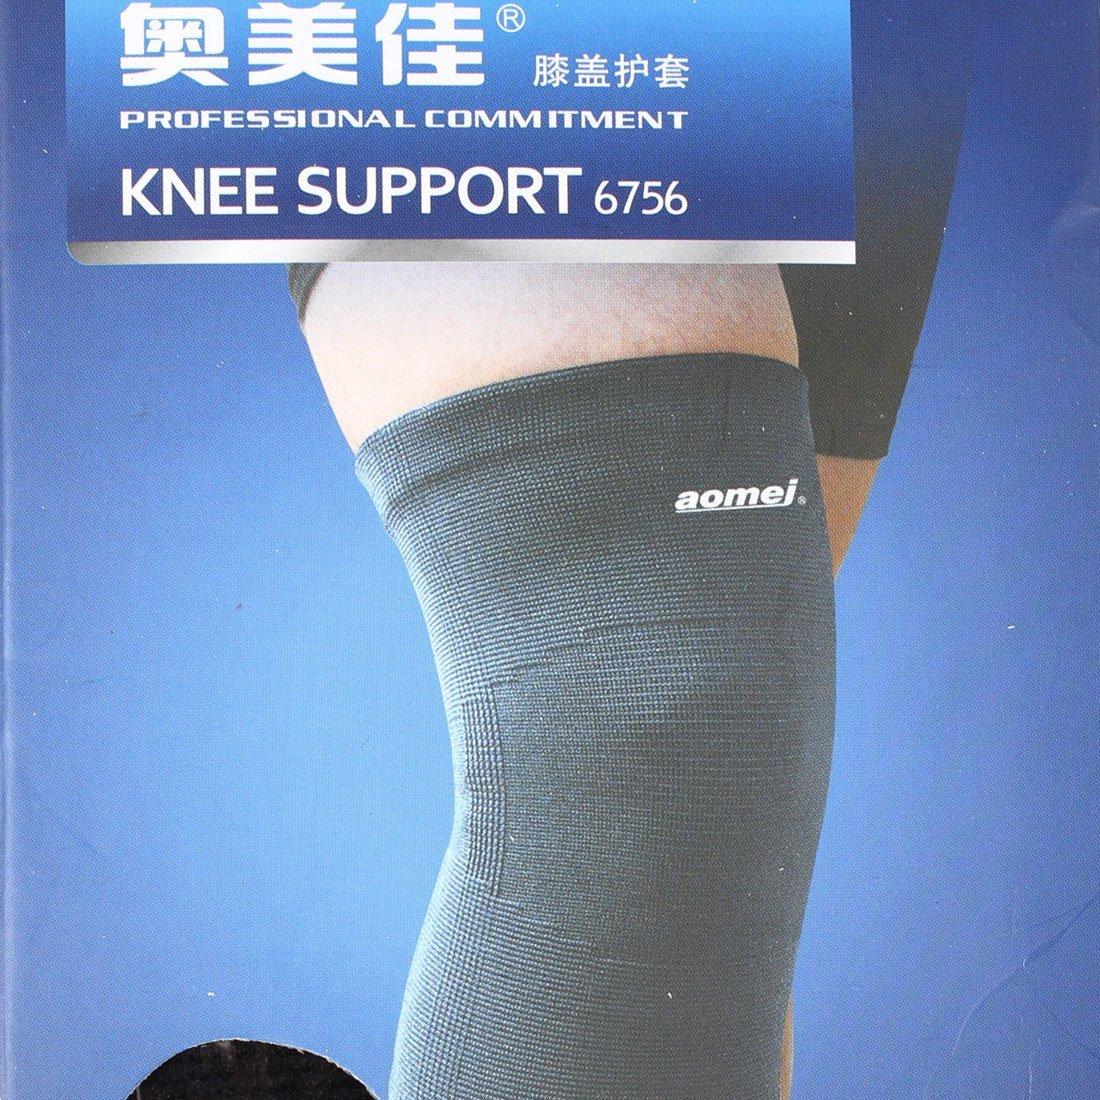 Amazon.com: eDealMax Deporte al aire Libre Pullover rodilla elástico de la Manga del Abrigo de apoyo Protector: Health & Personal Care